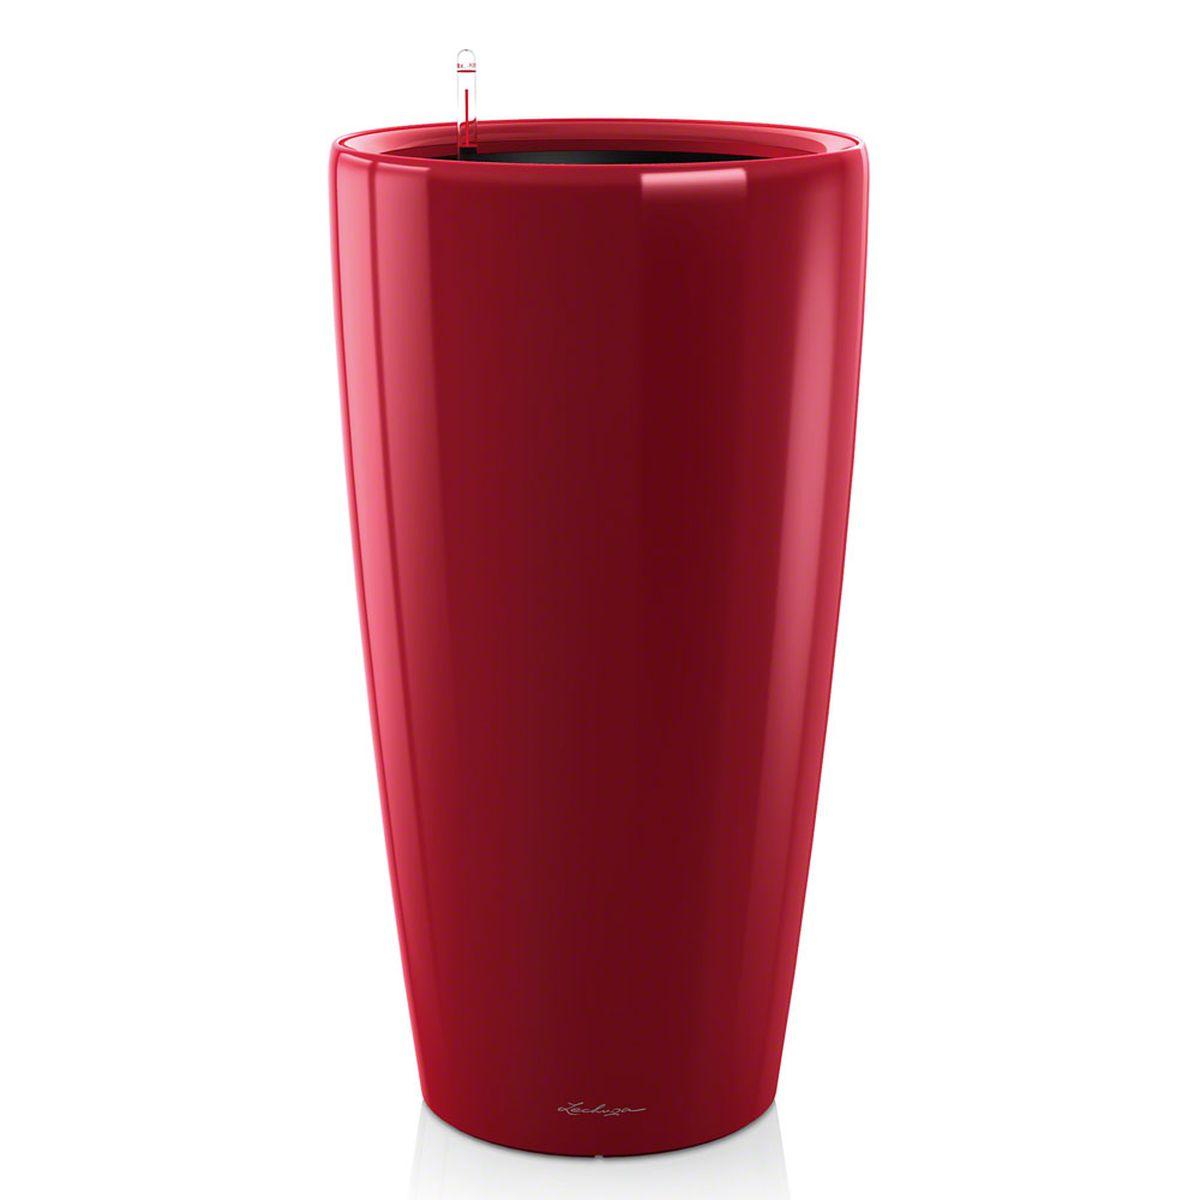 Кашпо Lechuza Rondo, с системой автополива, цвет: красный, диаметр 40 см15759Кашпо Lechuza Rondo, изготовленное извысококачественного пластика, идеальное решение для тех,кто регулярно забывает поливать комнатные растения.Стильный дизайн позволит украсить растениями офис, кафеили любое другое помещение.Кашпо Lechuza Rondo с системой автополиваупростит уход за вашими цветами и поможет растениямполучать то количество влаги, которое им необходимо вданный момент времени. В набор входит: кашпо, внутренний горшок, индикатор уровняводы, вал подачи воды, субстрат растений в качестведренажного слоя, резервуар для воды. Внутренний горшок, оснащенный выдвижными ручками,обеспечивает: - легкую переноску даже высоких растений; - легкую смену растений; - можно также просто убрать растения на зиму; - винт в днище позволяет стечь излишней дождевой воденаружу. Кашпо Lechuza Rondo украсит любой интерьер истанет замечательным подарком для ваших родных иблизких.